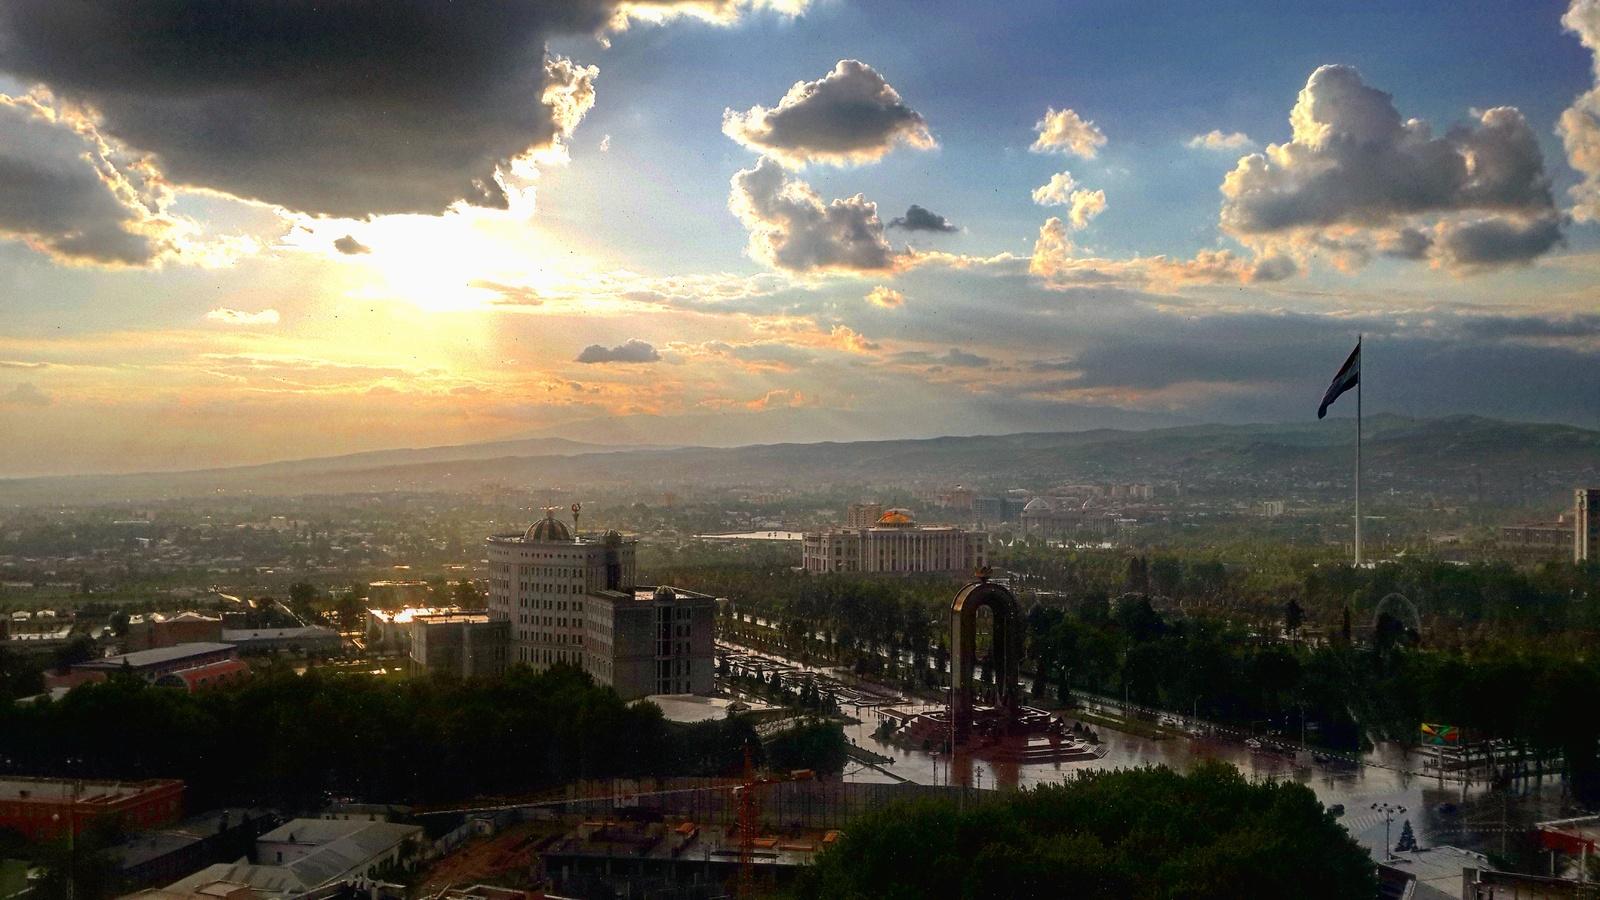 Душанбе пойтахти фарҳангии ИДМ дар соли 2021 эълон шуд